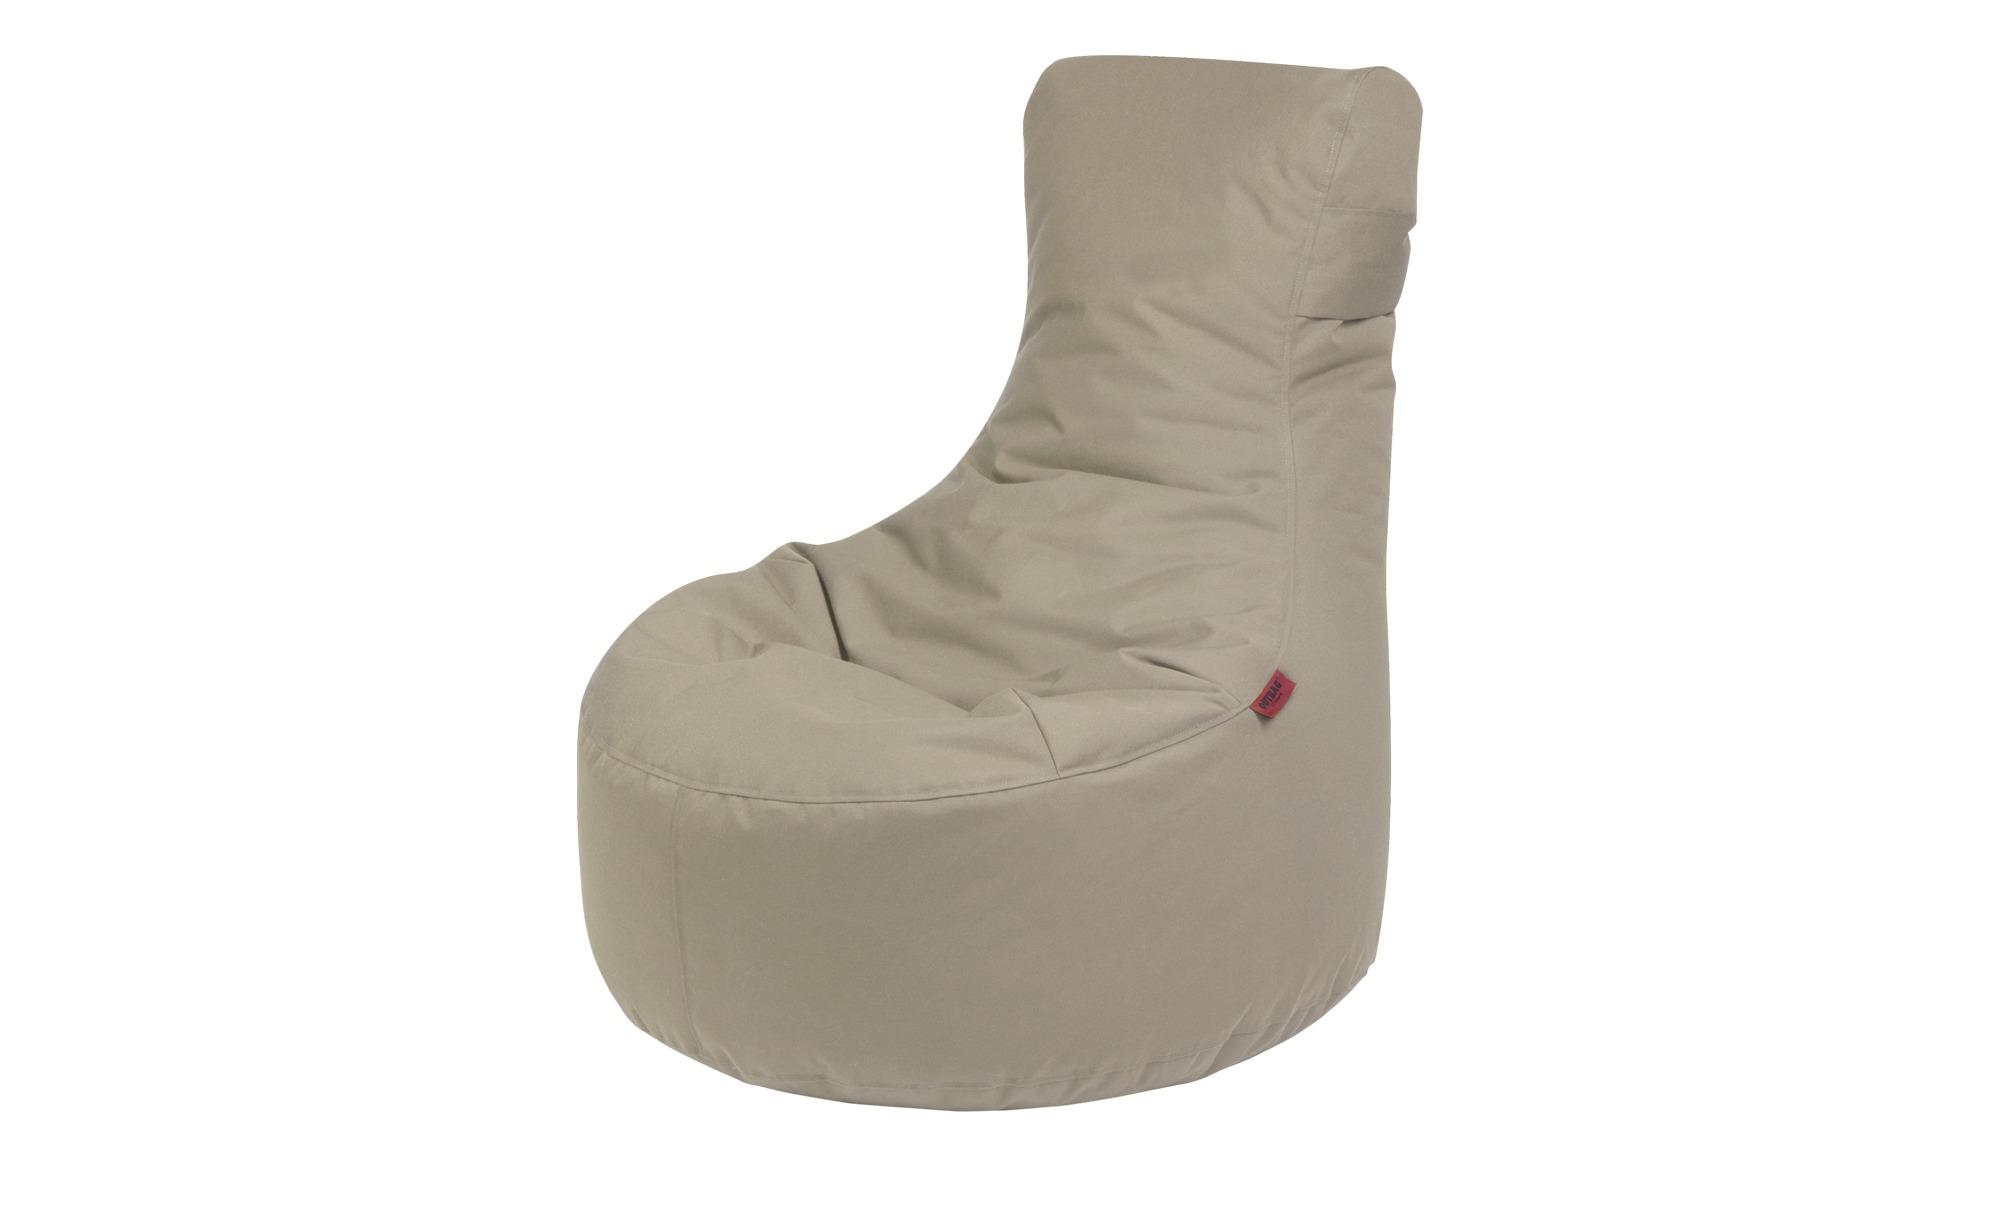 Sitzsack  Slope Plus ¦ grau ¦ Maße (cm): B: 85 H: 90 T: 85 Garten > Auflagen & Kissen > Outdoor-Sitzsäcke - Höffner